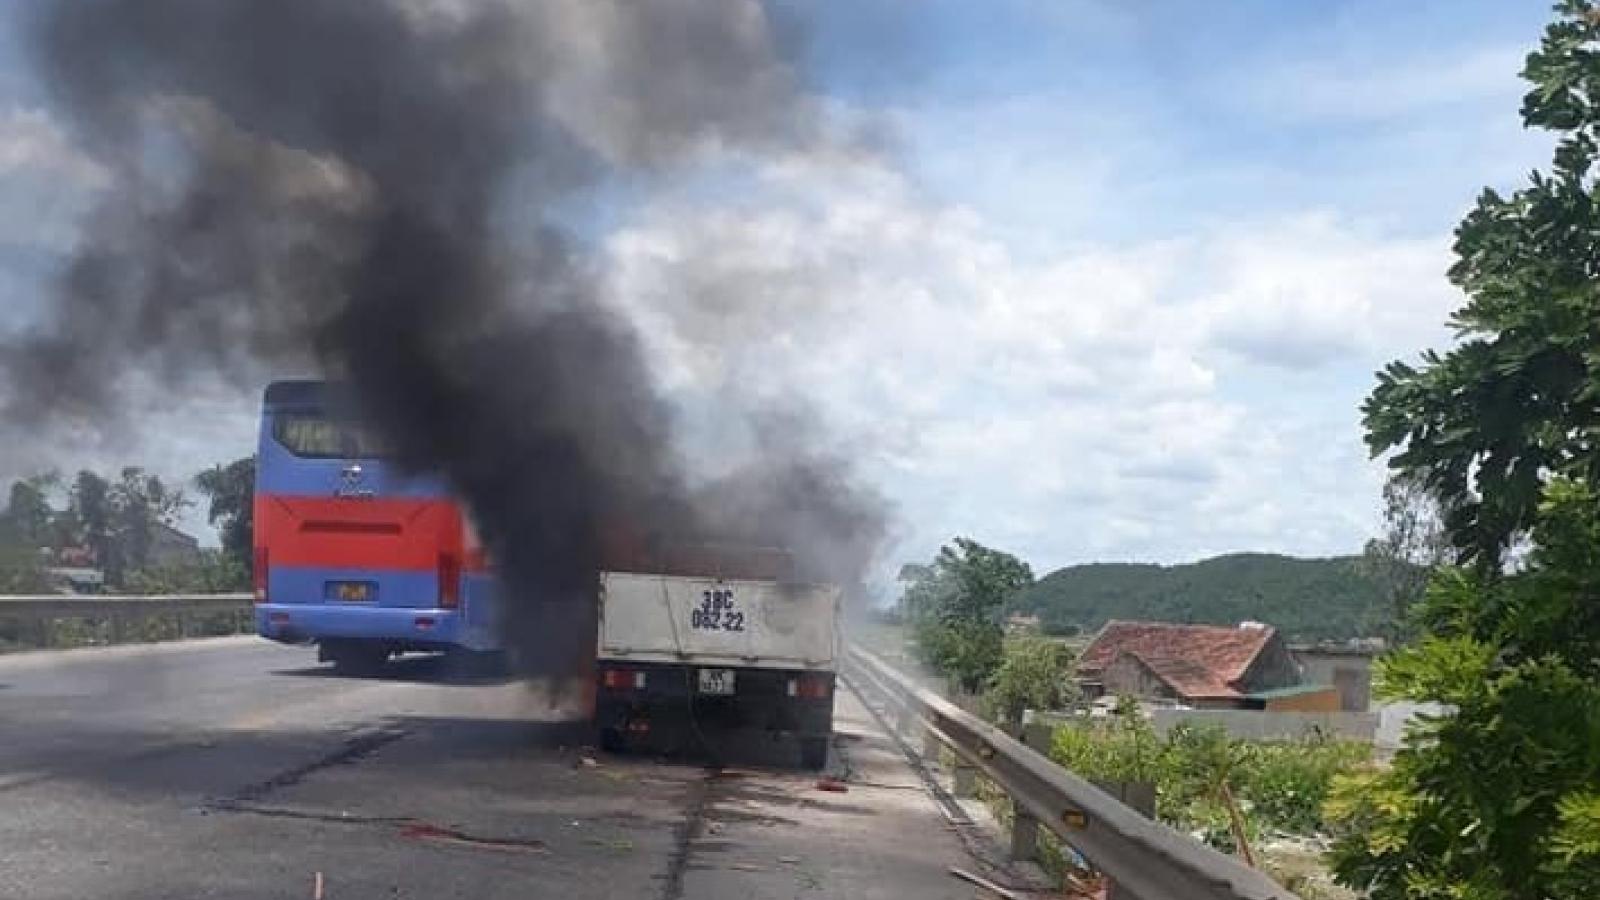 Liên tiếp xảy ra hai vụ xe tải đang lưu thông bỗng bốc cháy dữ dội tại Nghệ An